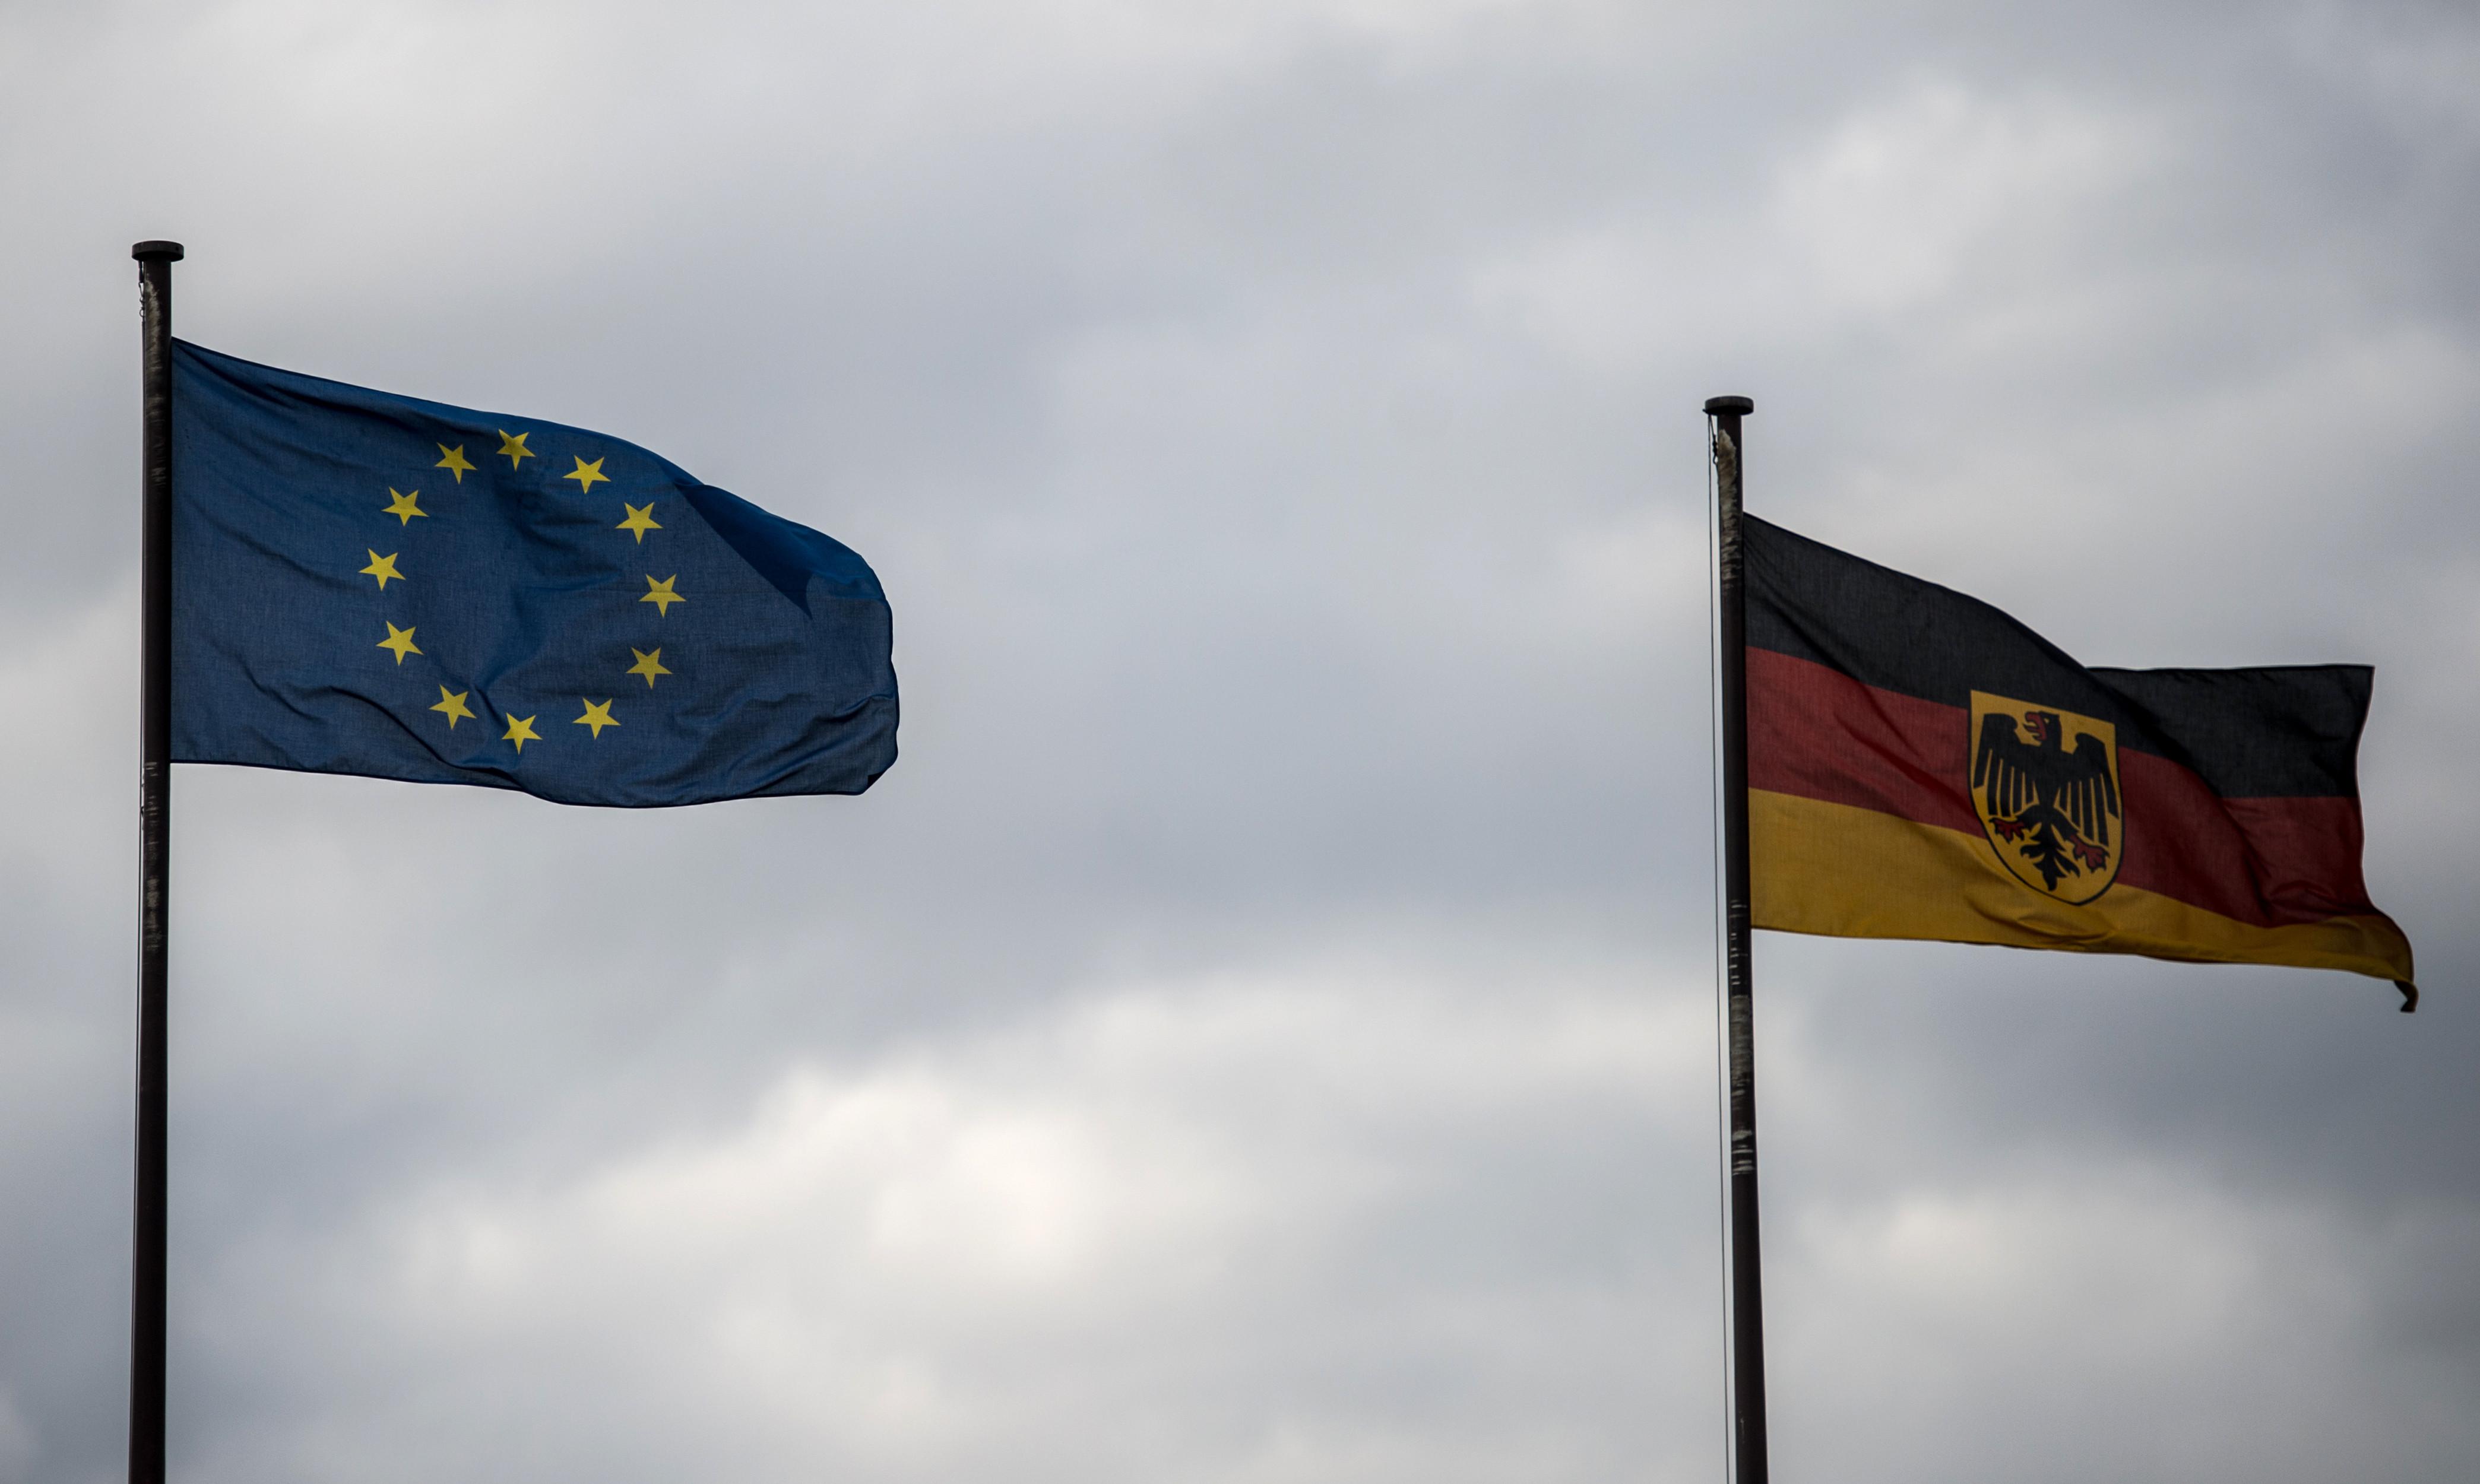 <p><span>Флаги Еврасоюза и Федеративной Республики Германия в посольстве Германии в РФ в Москве&nbsp;</span></p> <p><span>Фото: &copy;РИА Новости/Евгения Новоженина</span></p>